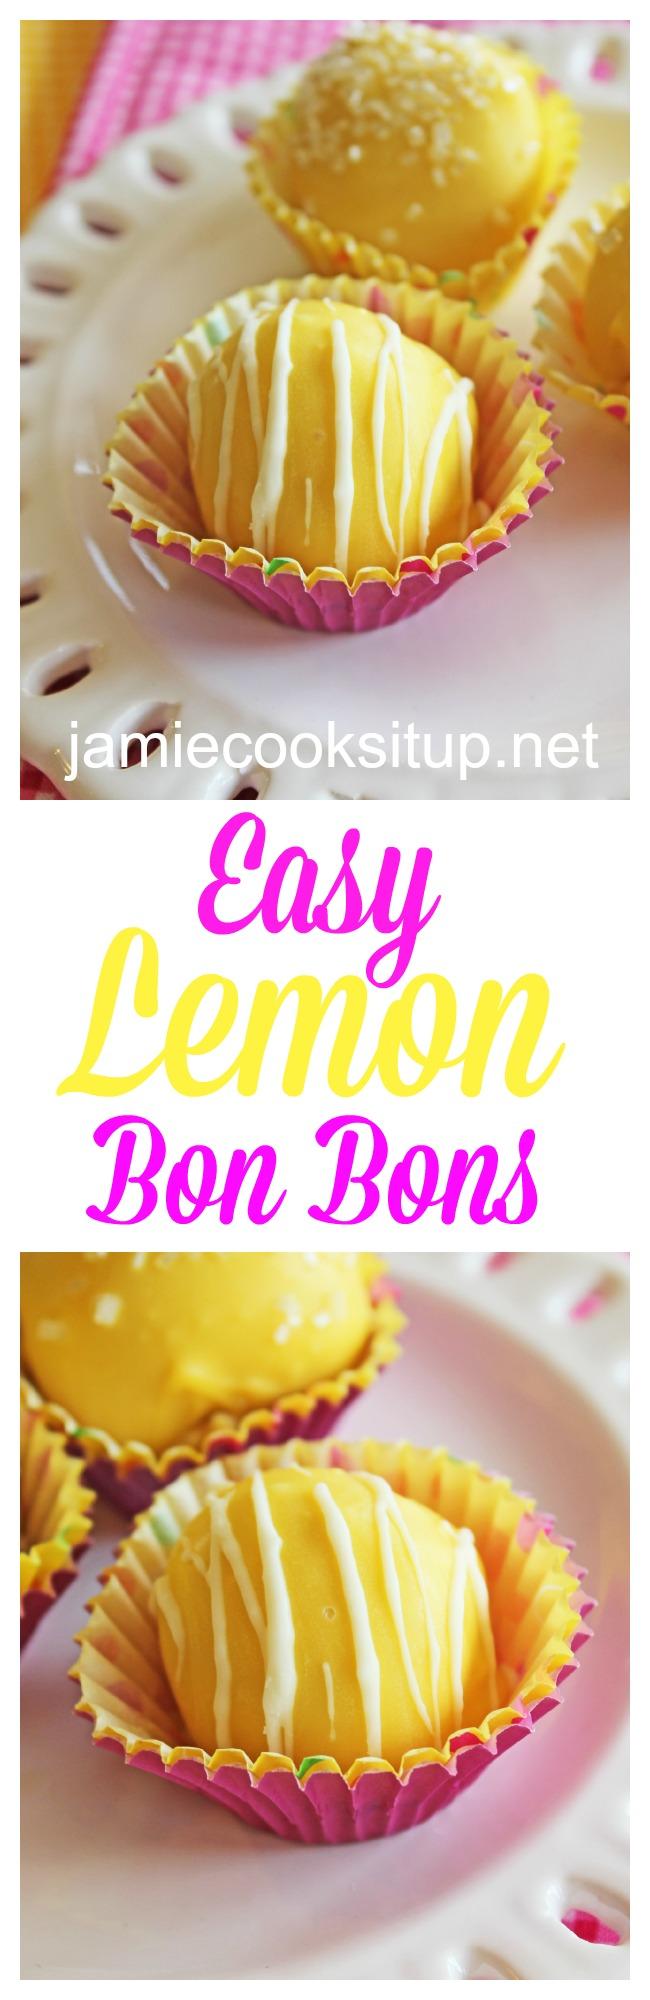 Easy Lemon Bon Bons at Jamie Cooks It Up!